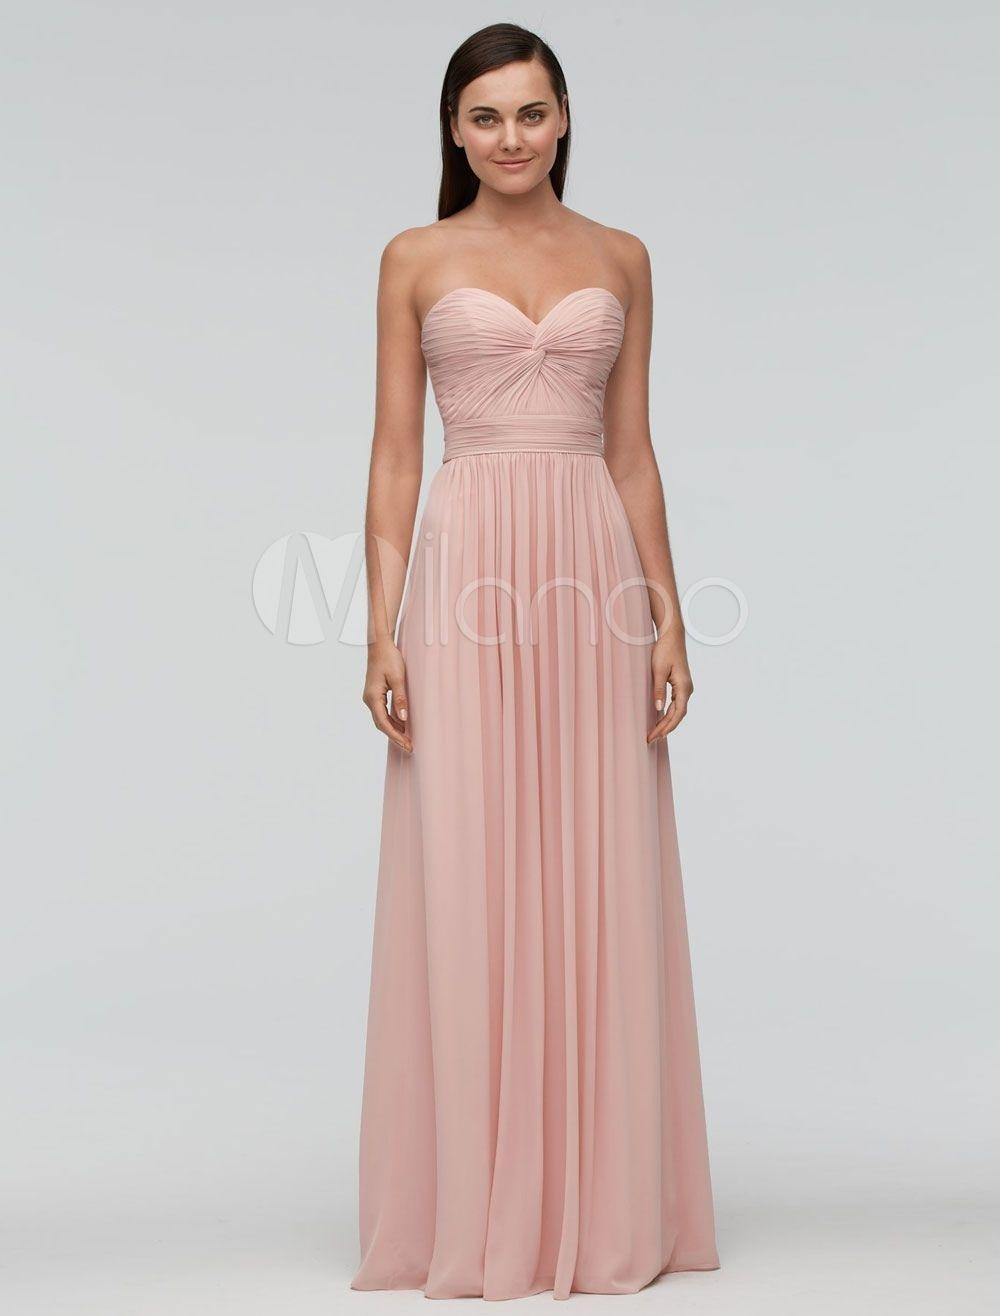 Genial Kleider Zur Hochzeit Vertrieb20 Wunderbar Kleider Zur Hochzeit Galerie